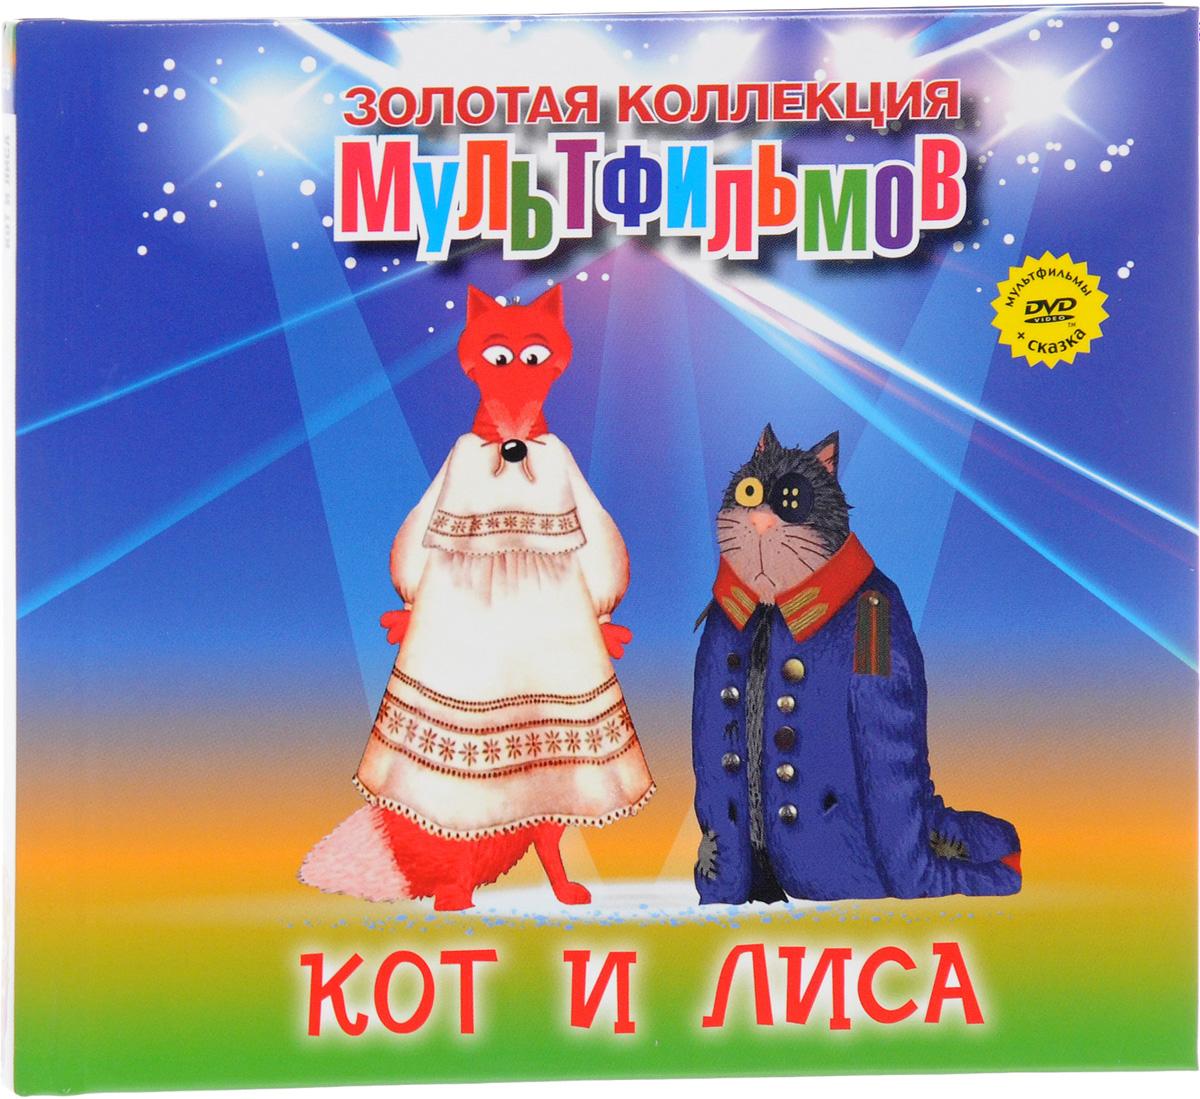 Золотая коллекция мультфильмов, Том 55, Кот и Лиса